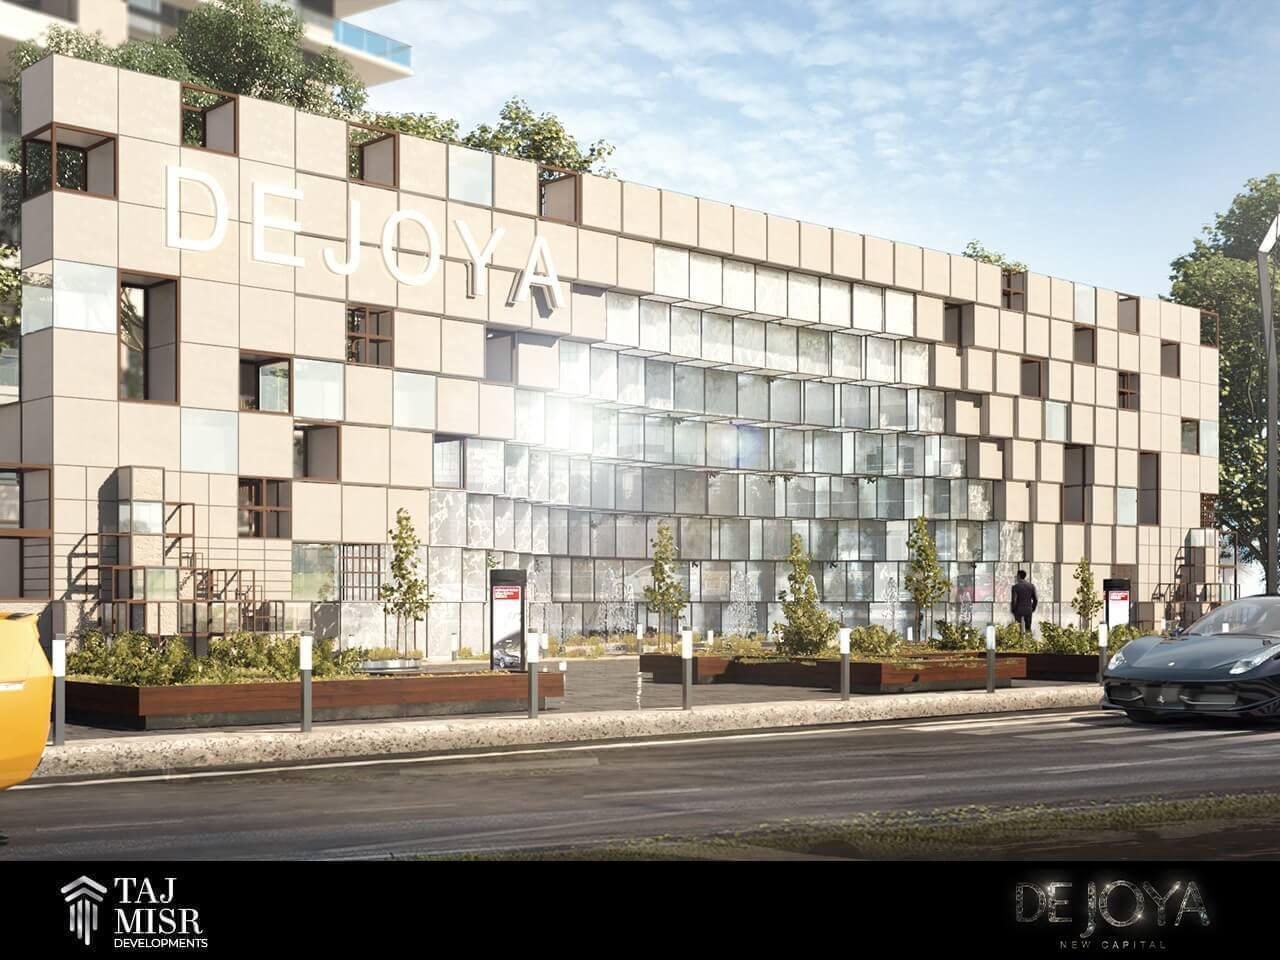 دي جويا العاصمة الإدارية الجديدة De Joya New Capital